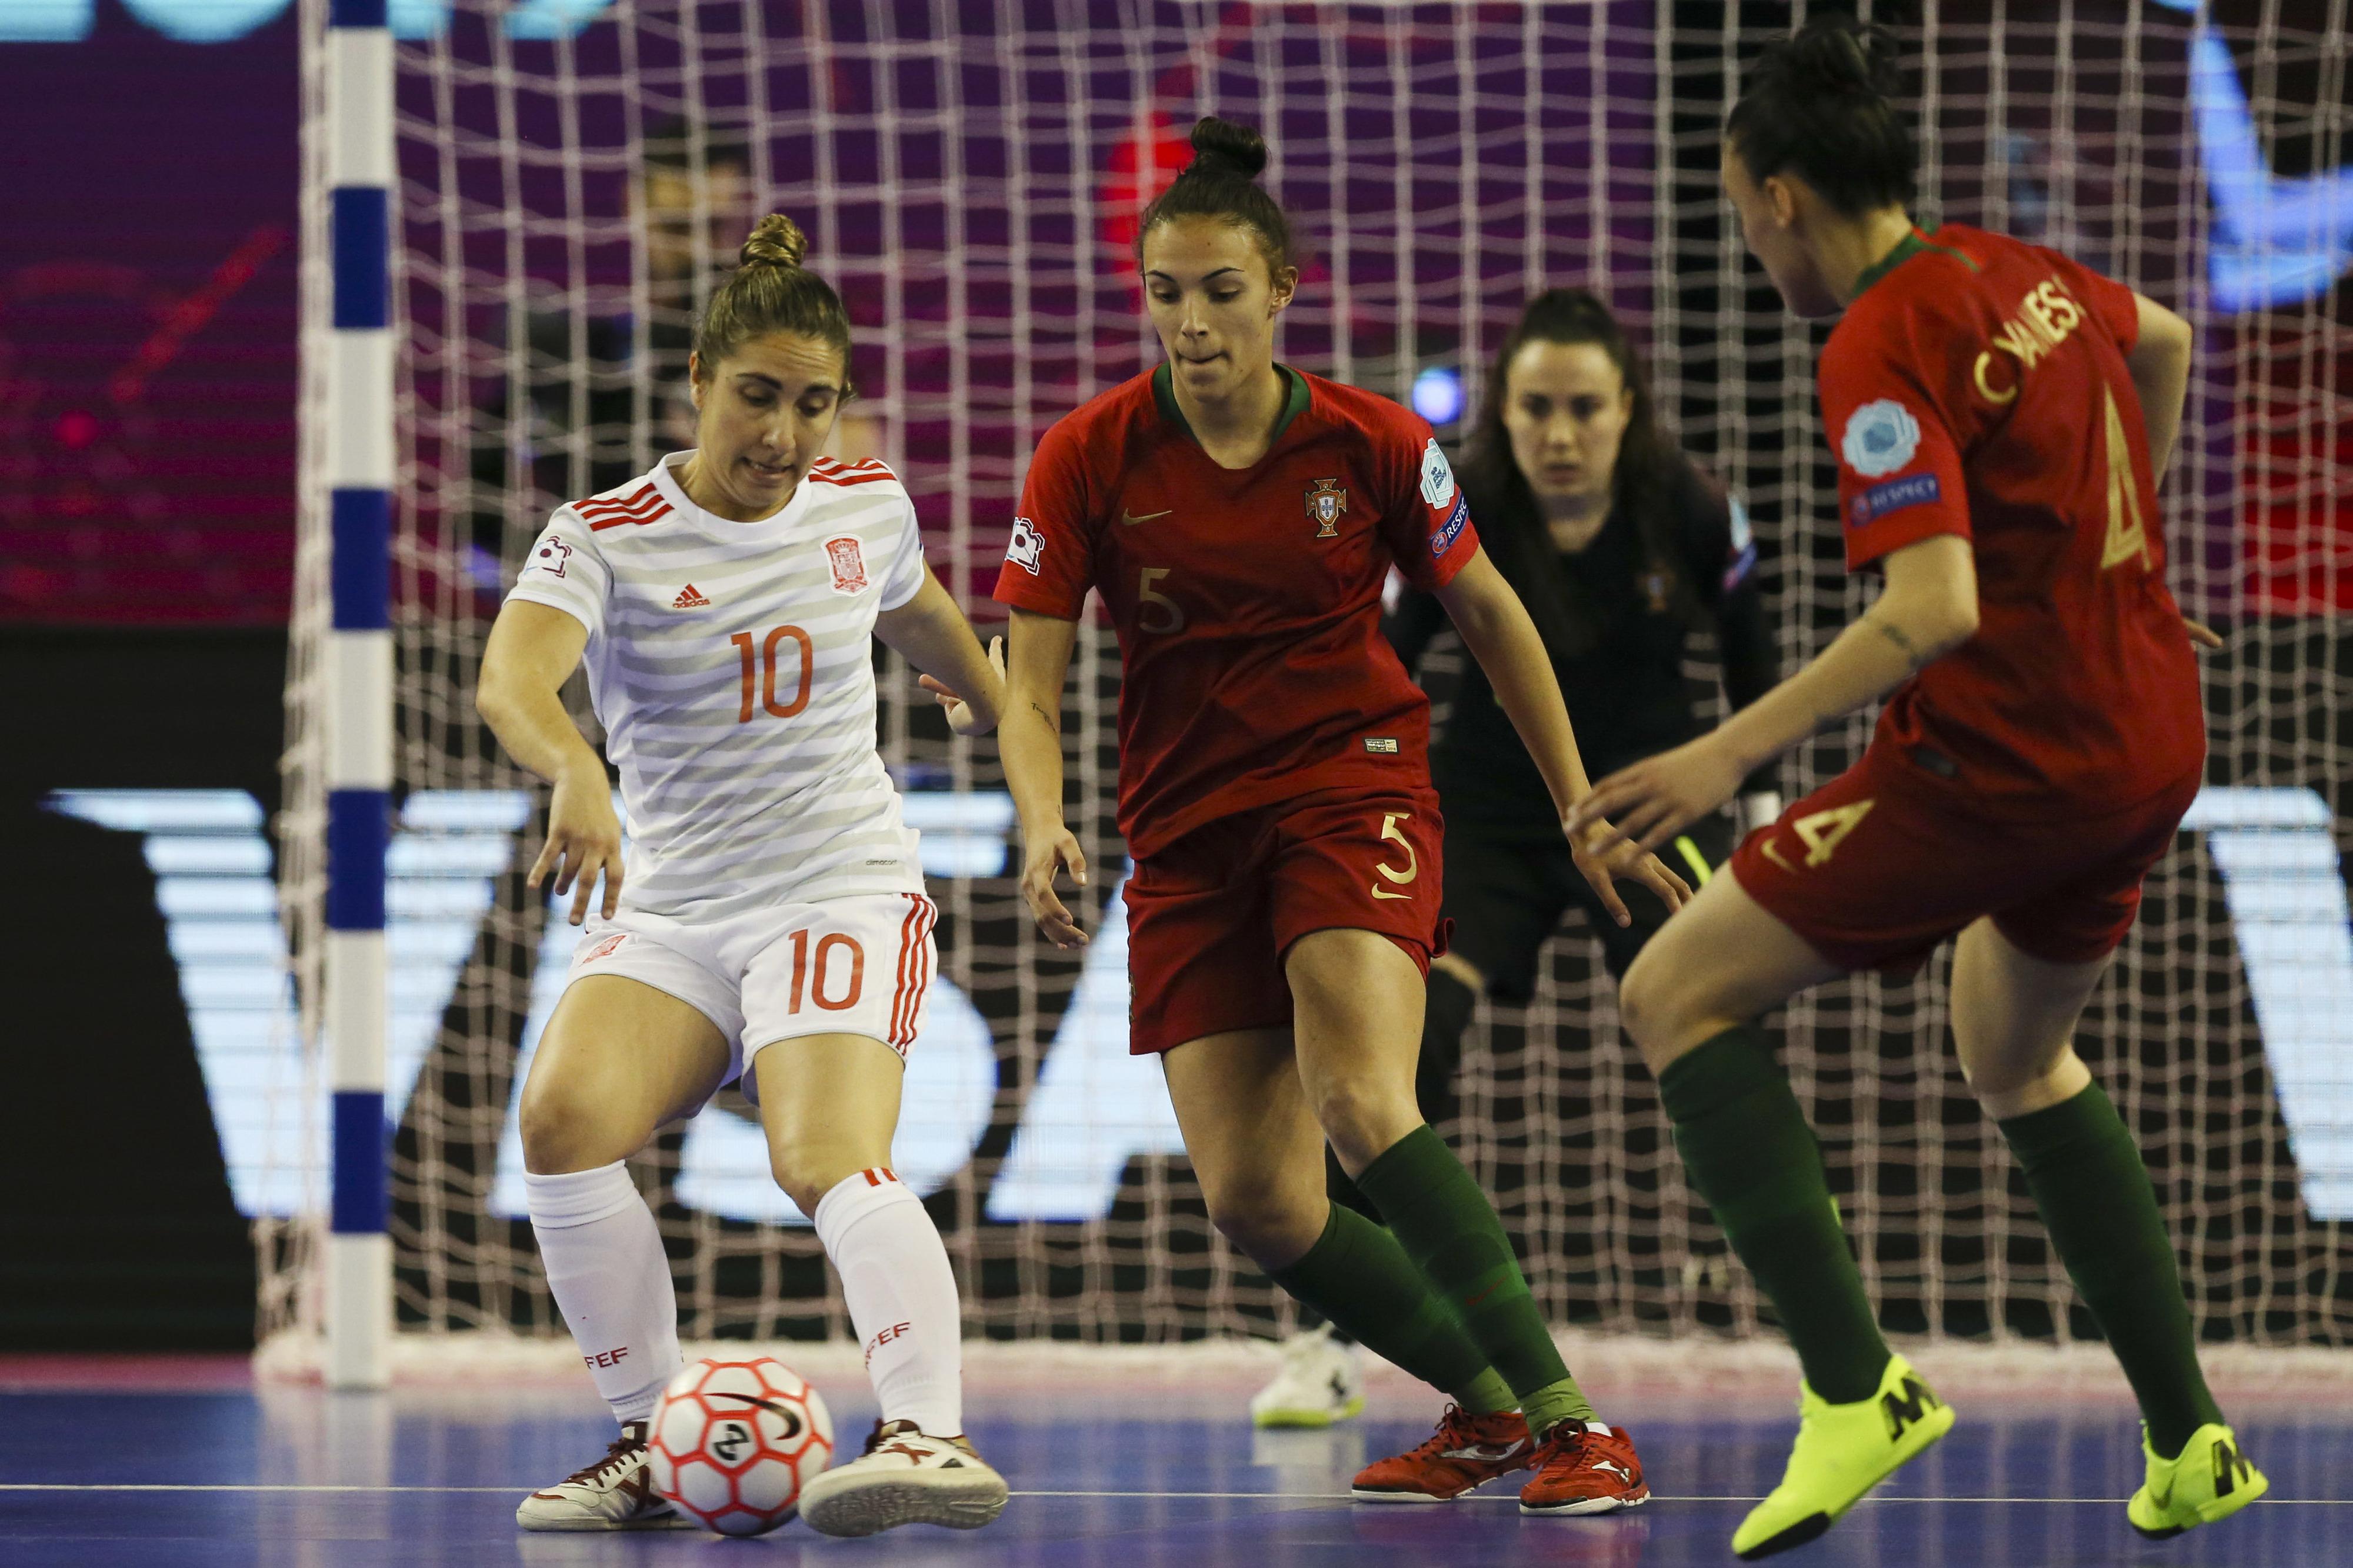 Marcelo expressa orgulho na seleção feminina de futsal e felicita vice-campeãs